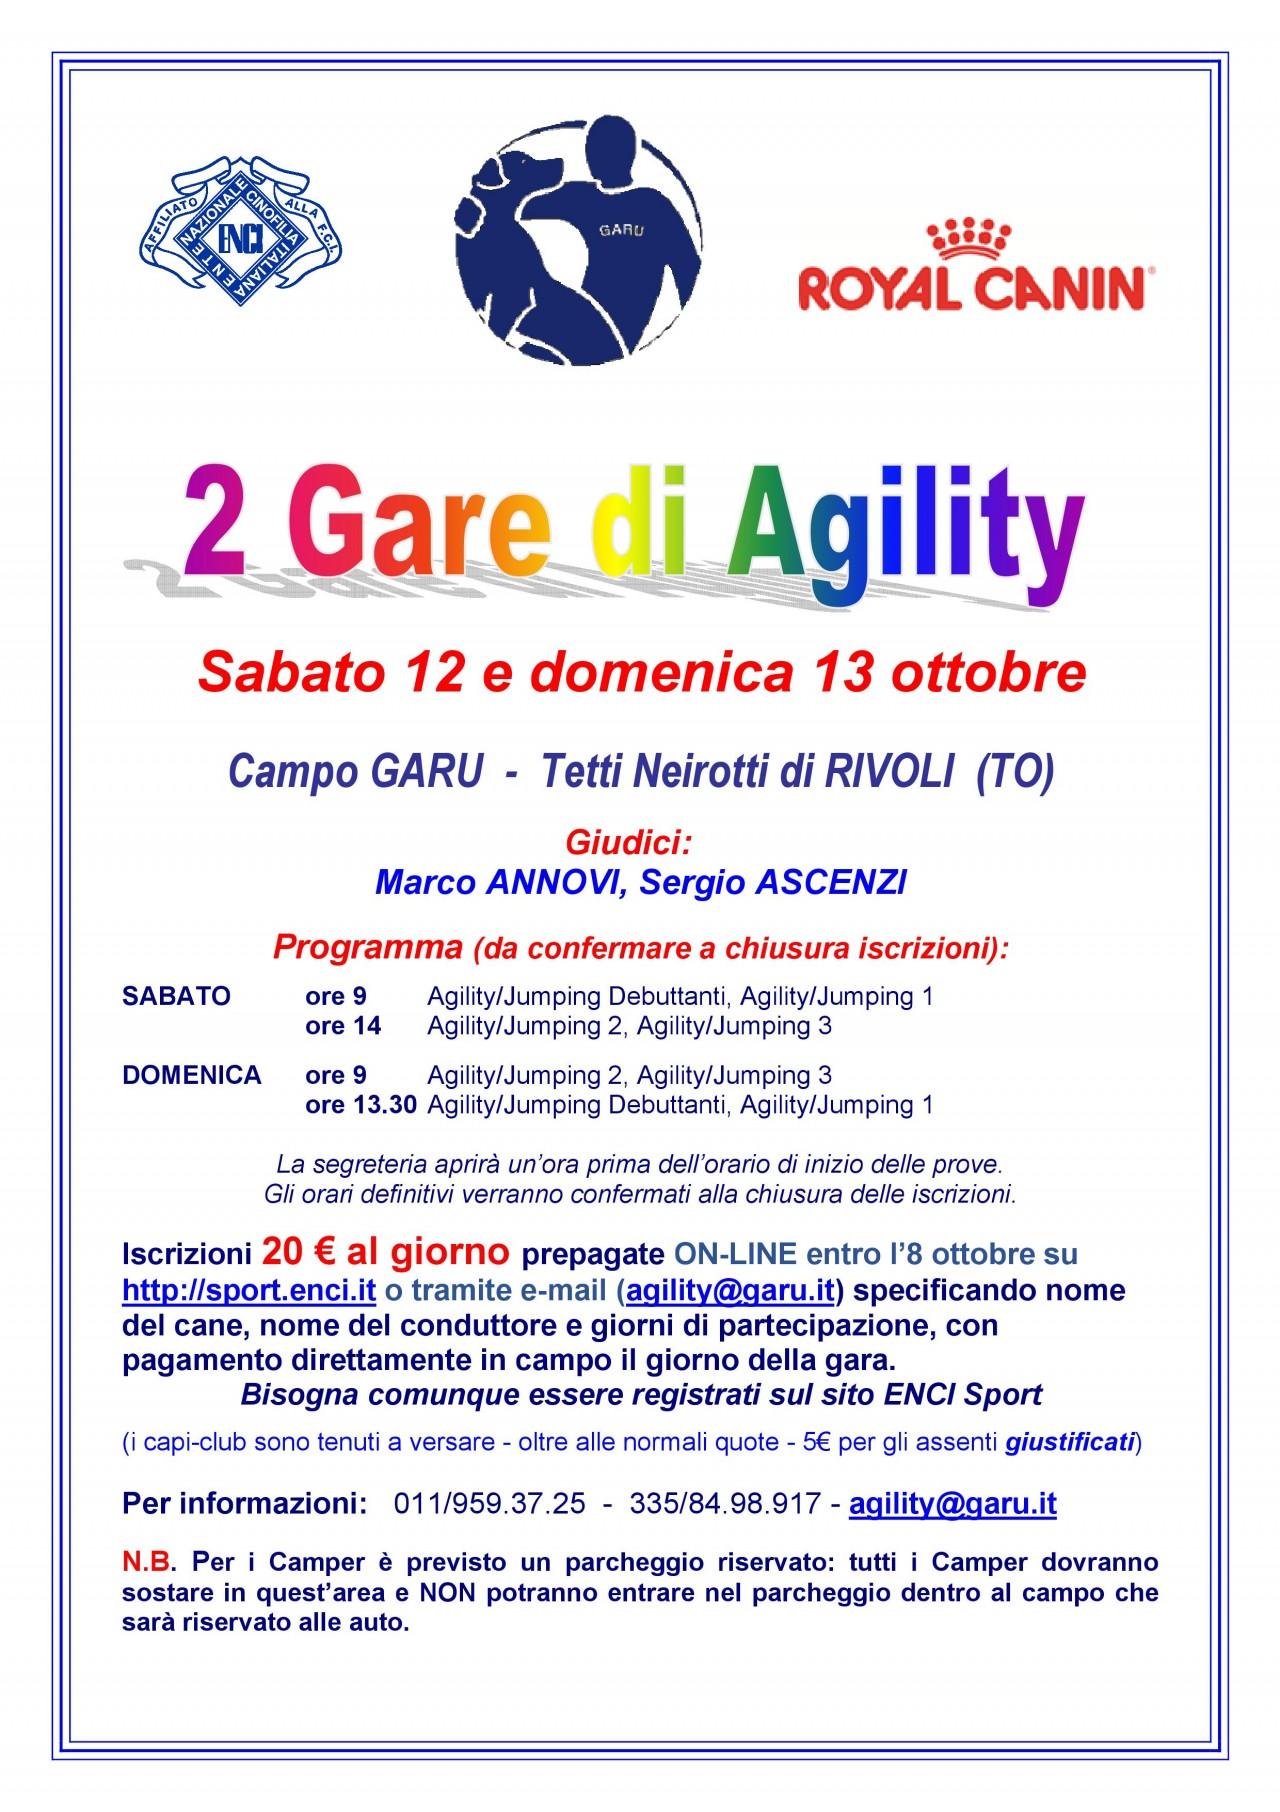 AGILITY GARU 12 OTTOBRE